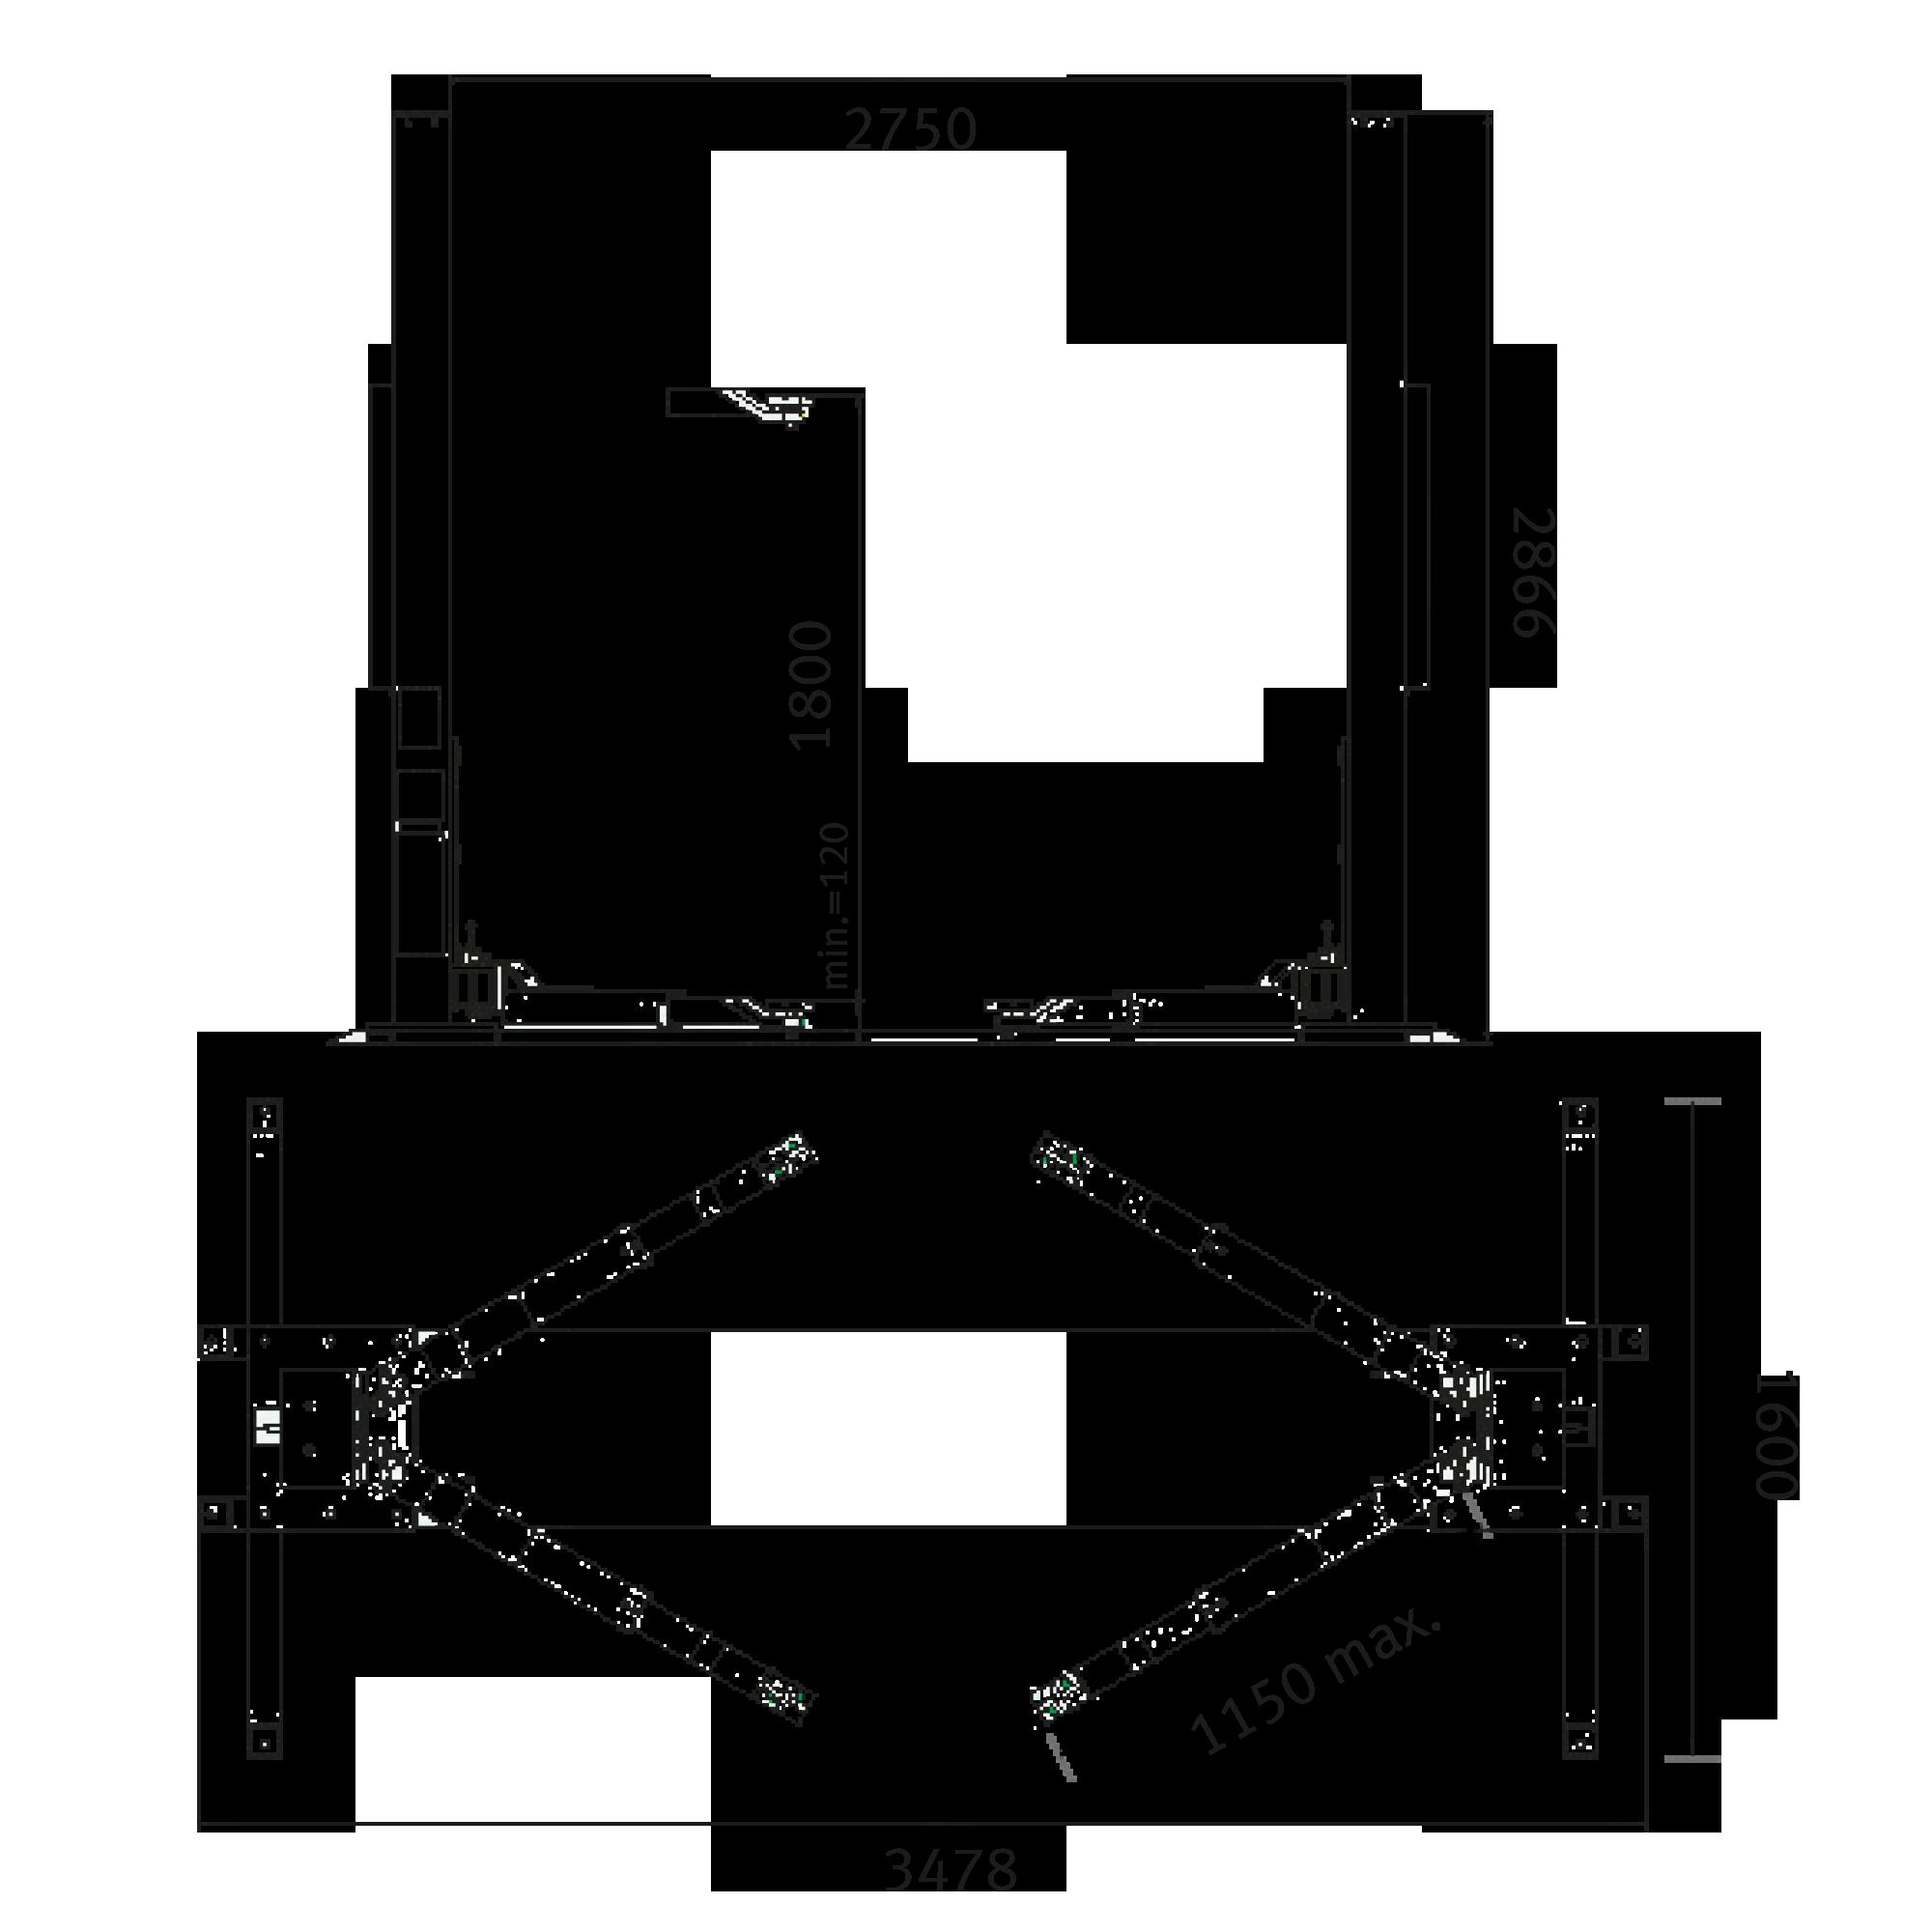 pont l vateur colonnes garage bonnes affaires optimachines. Black Bedroom Furniture Sets. Home Design Ideas